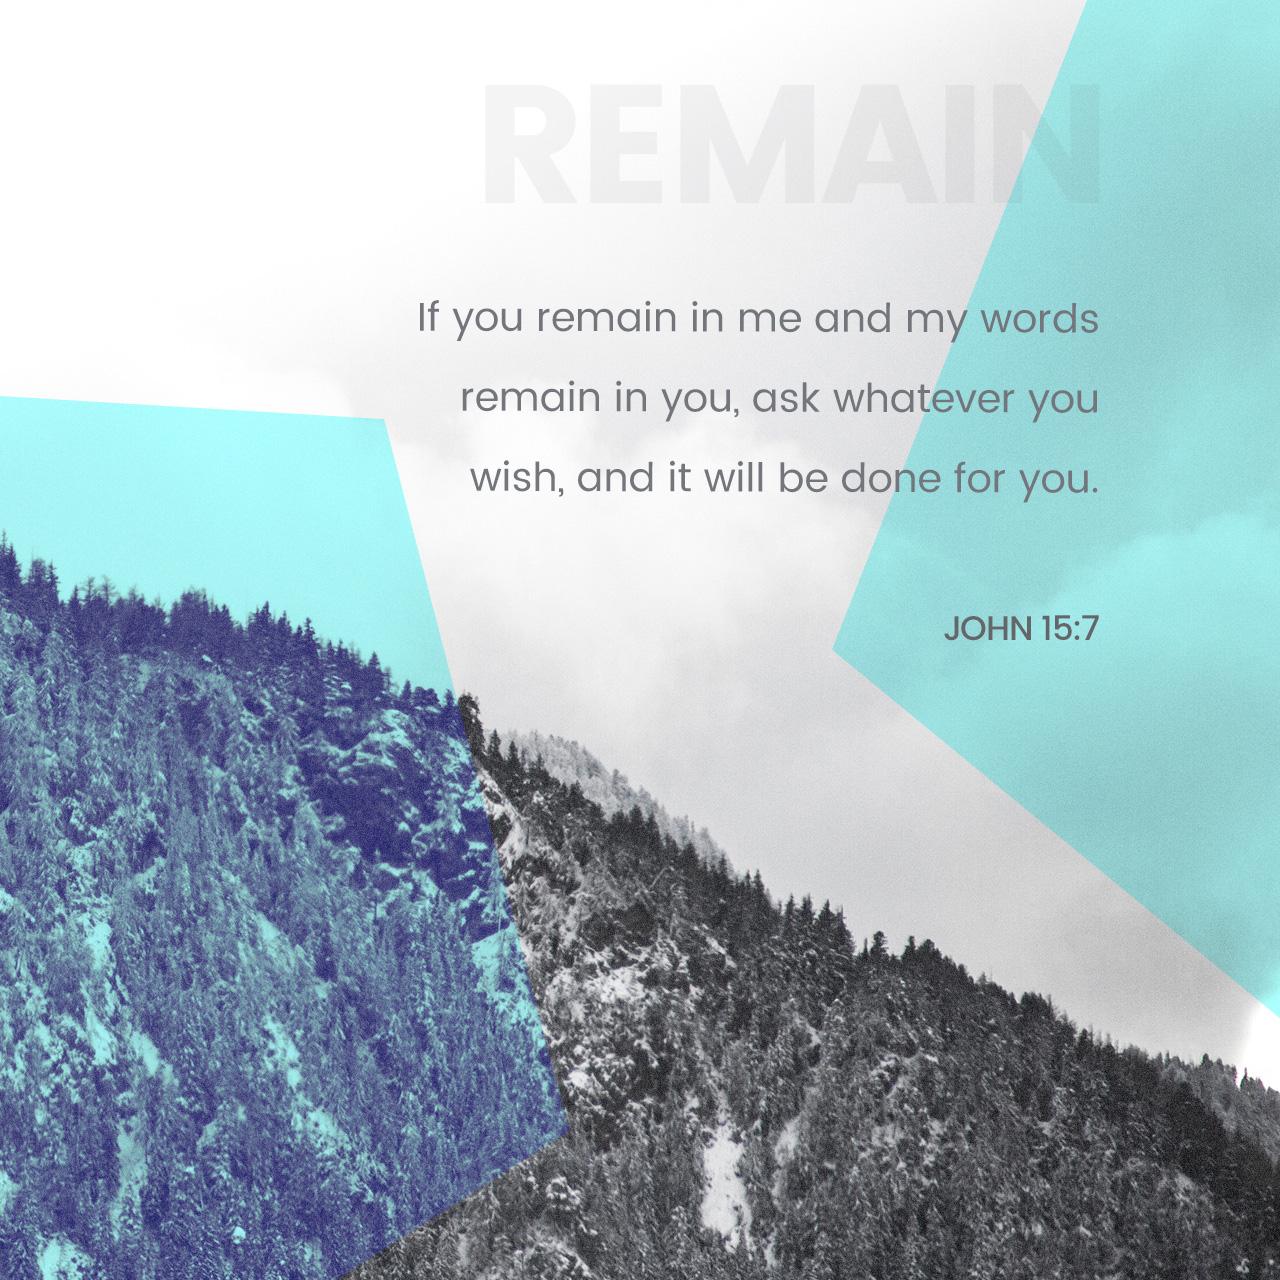 John 15:7